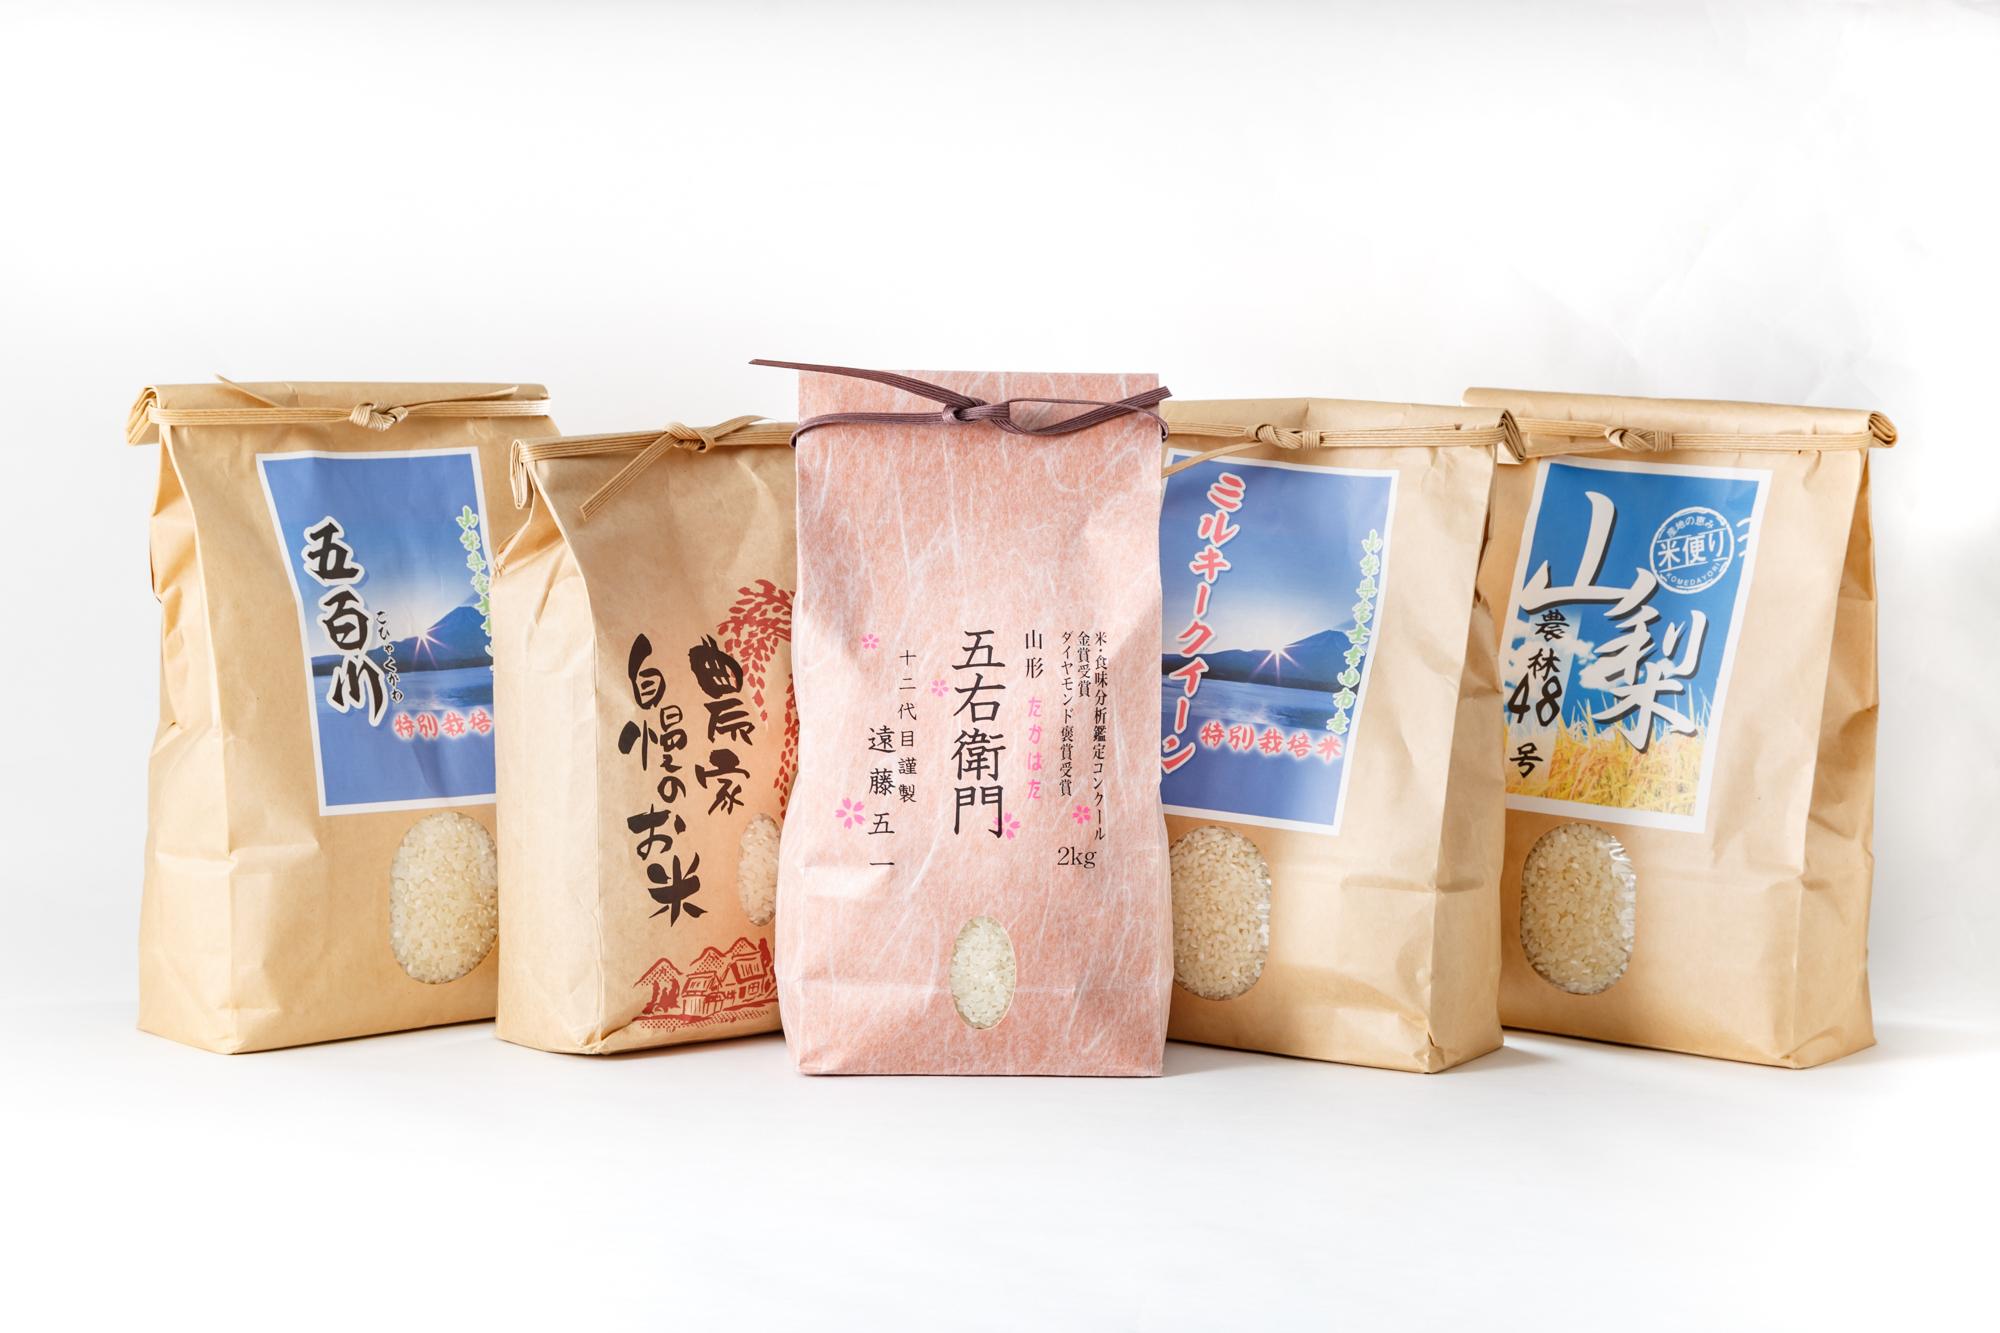 【雪若丸】日本一の米を作る遠藤五一さん栽培 特別栽培米 2kg